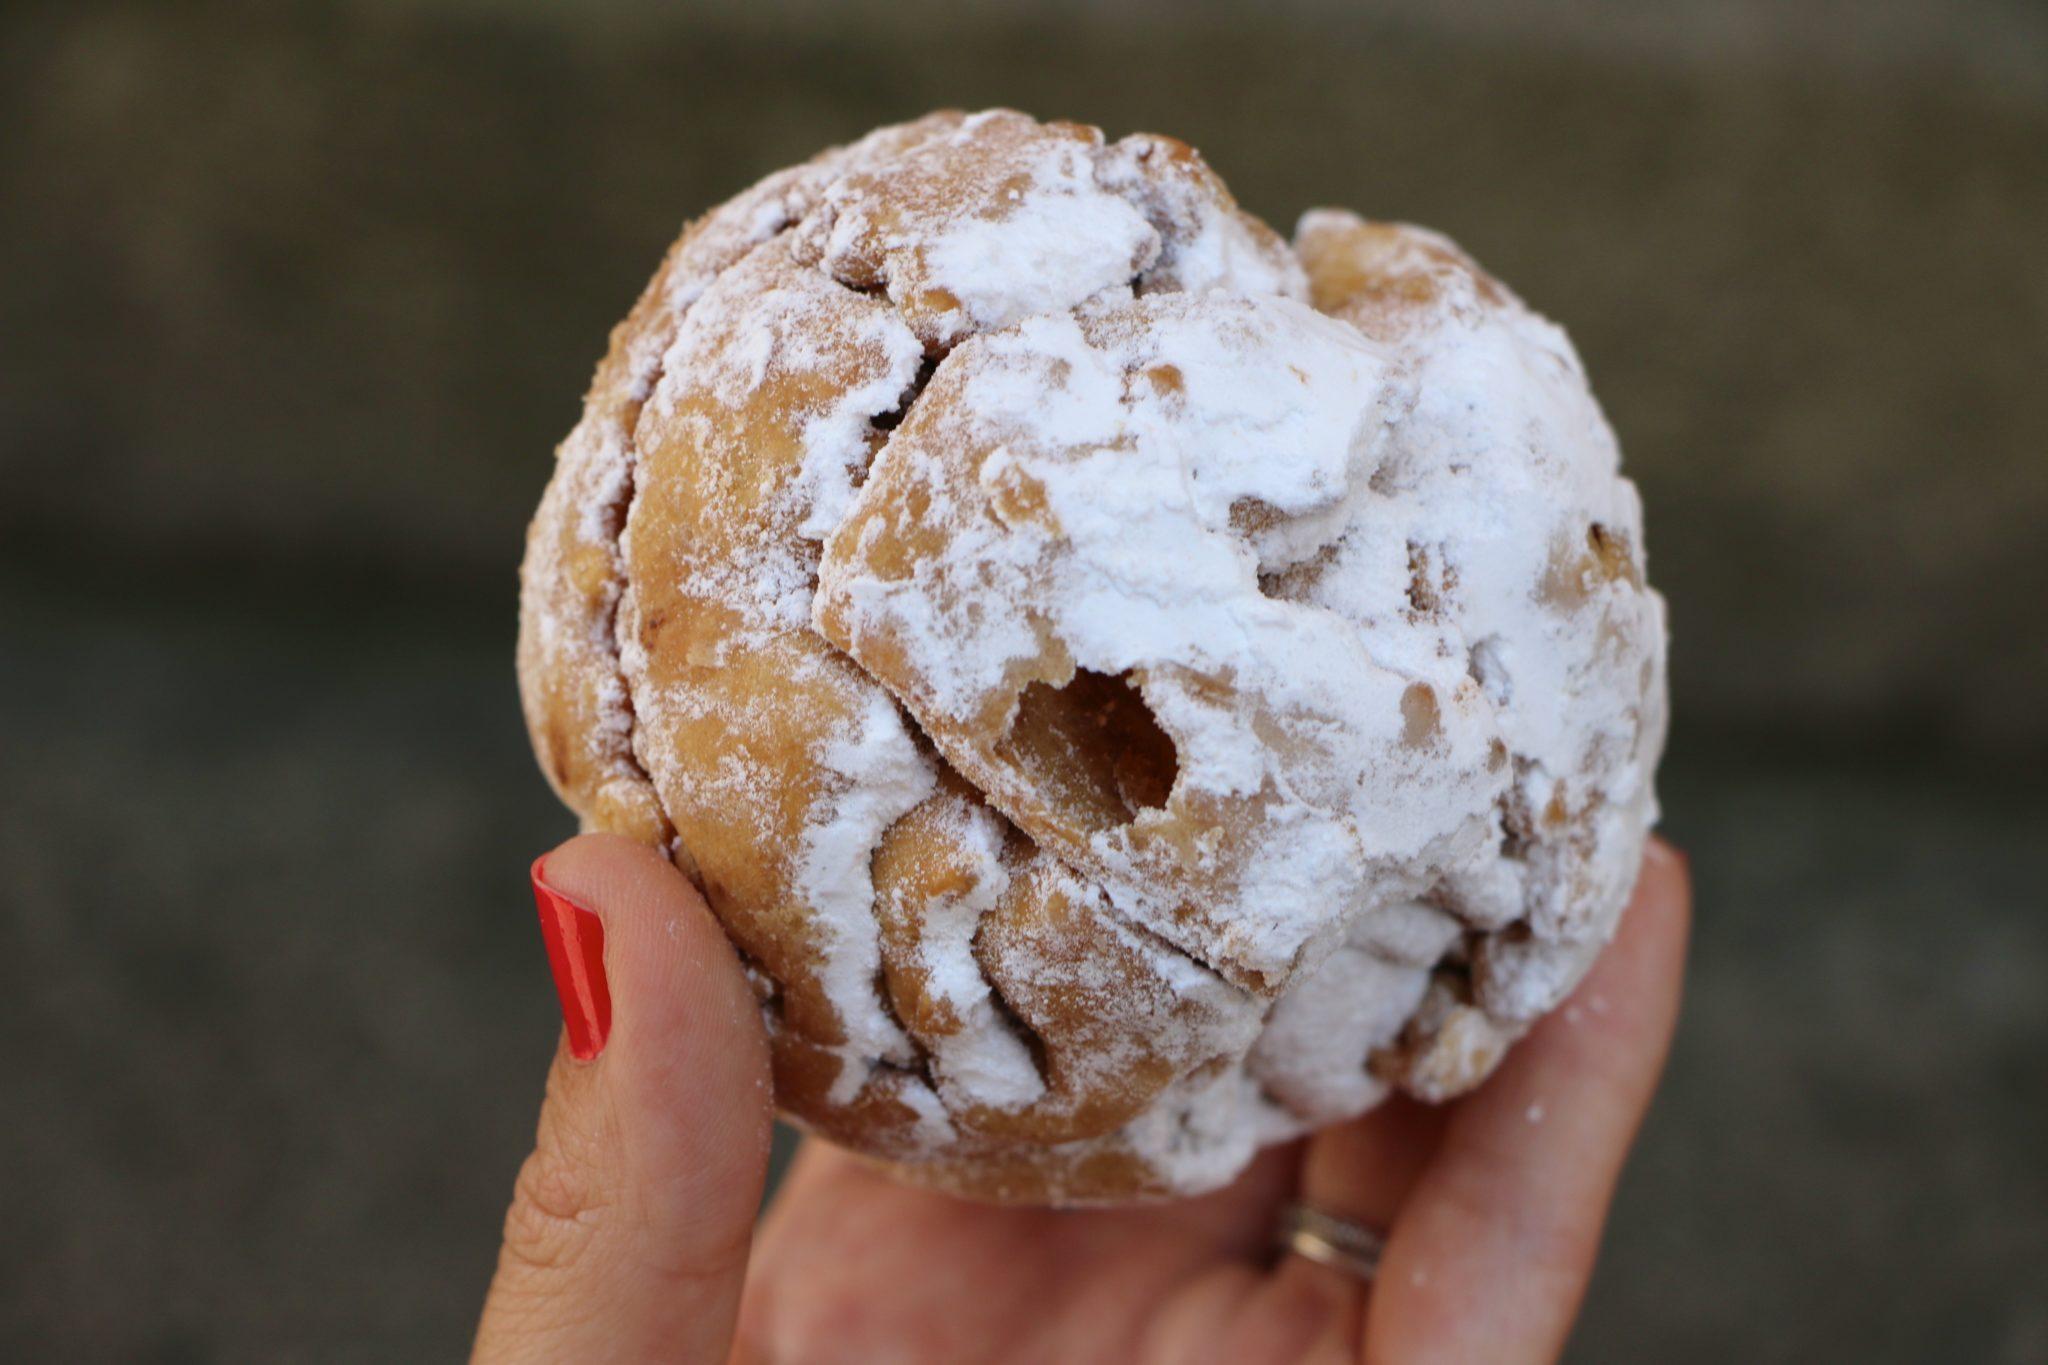 Schneeballen: Rottenburg Snowball Pastries